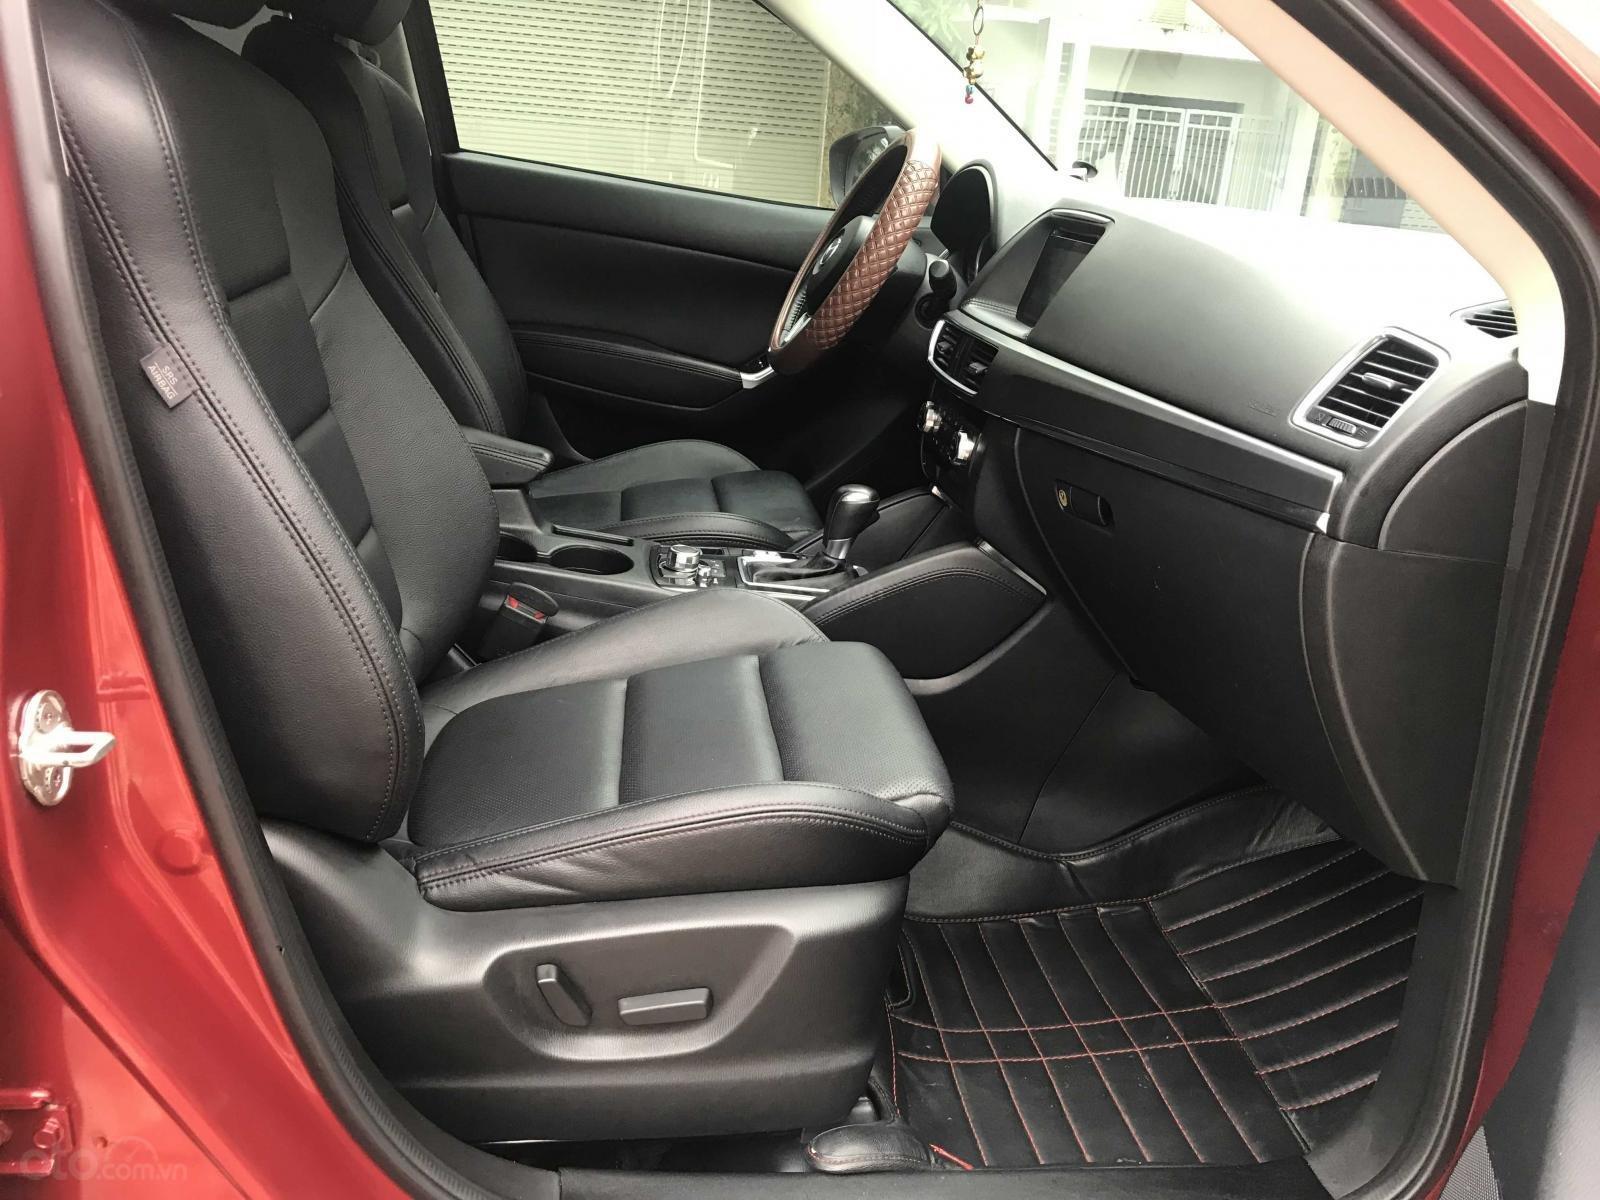 Bán Mazda CX 5 đăng ký lần đầu 2016, màu đỏ còn mới, giá 770 triệu đồng (10)